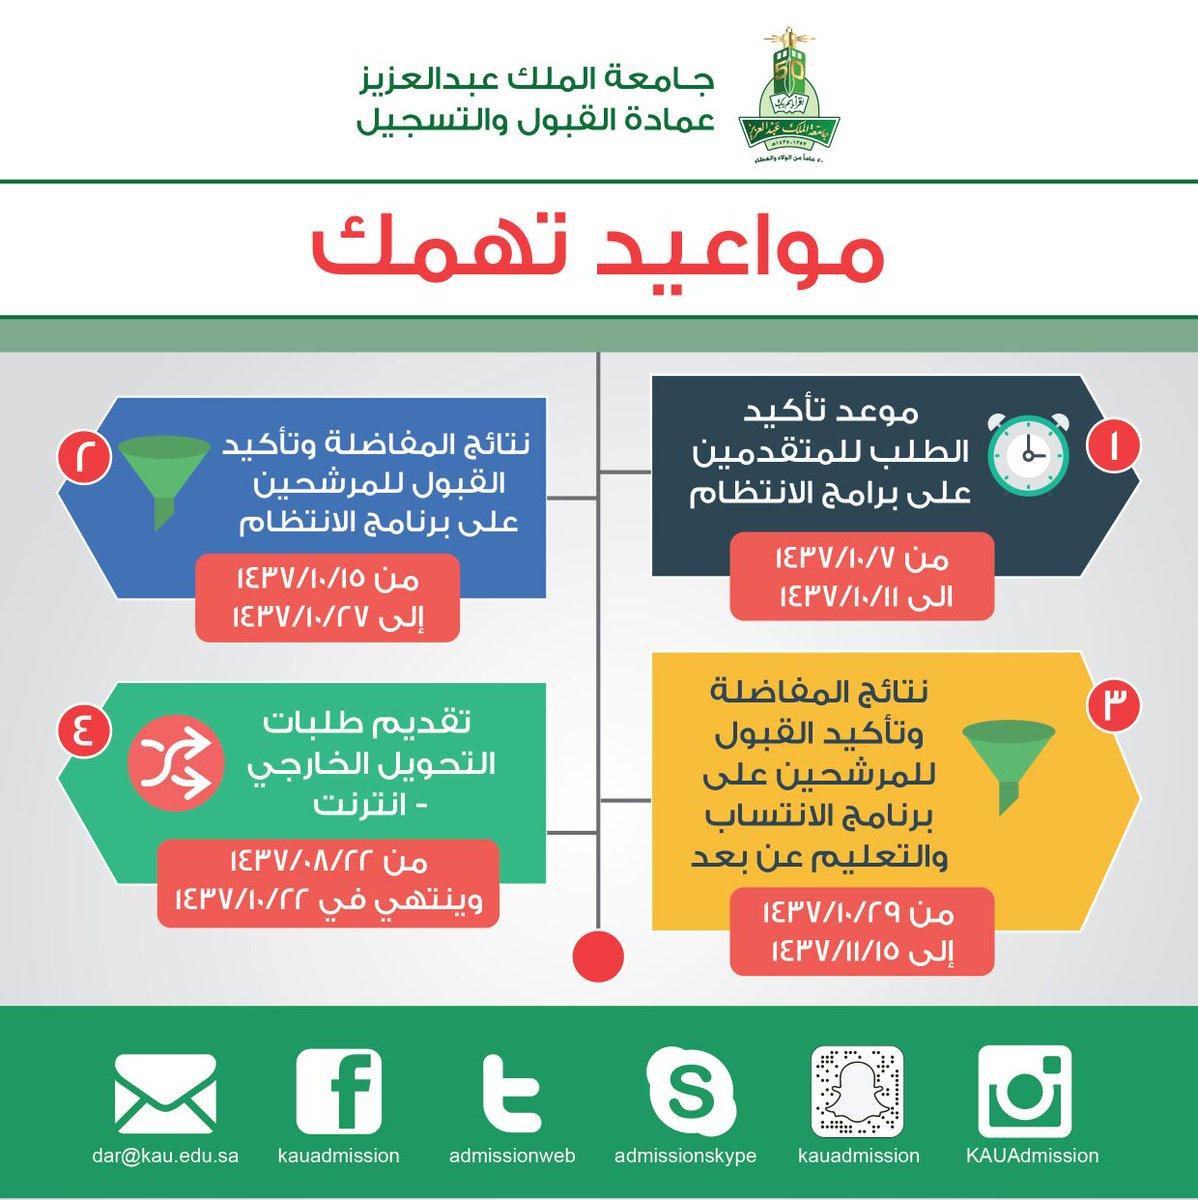 عمادة القبول والتسجيل Kau On Twitter جامعة الملك عبدالعزيز عمادة القبول والتسجيل مواعيد تهمك